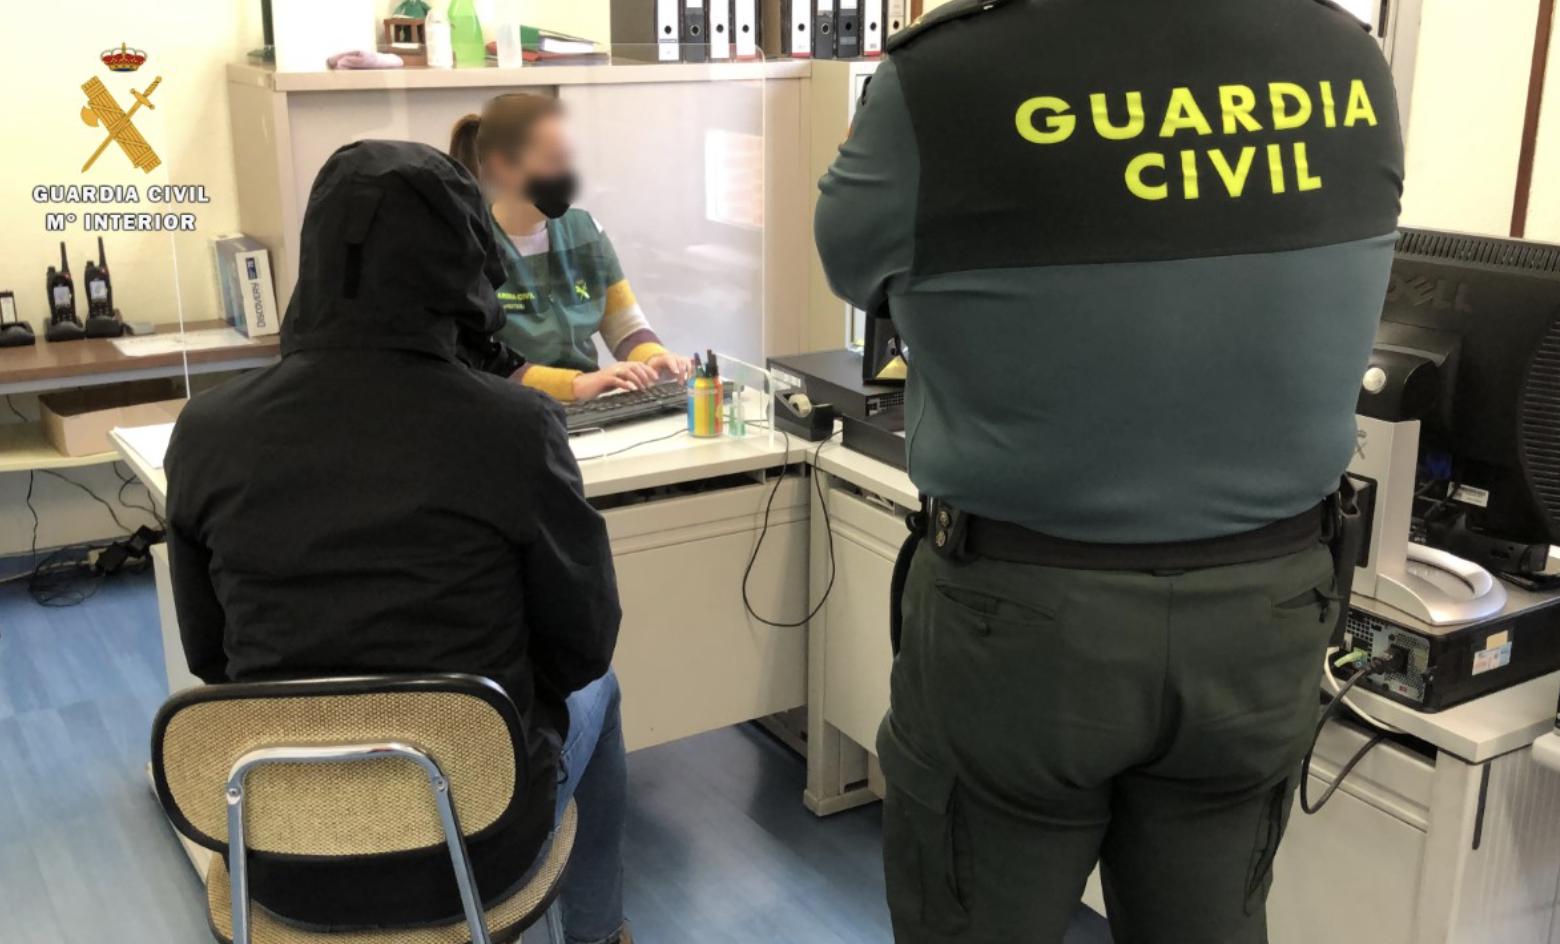 La Guardia Civil investiga a cuatro jóvenes en La Rioja por robos en segundas residencias